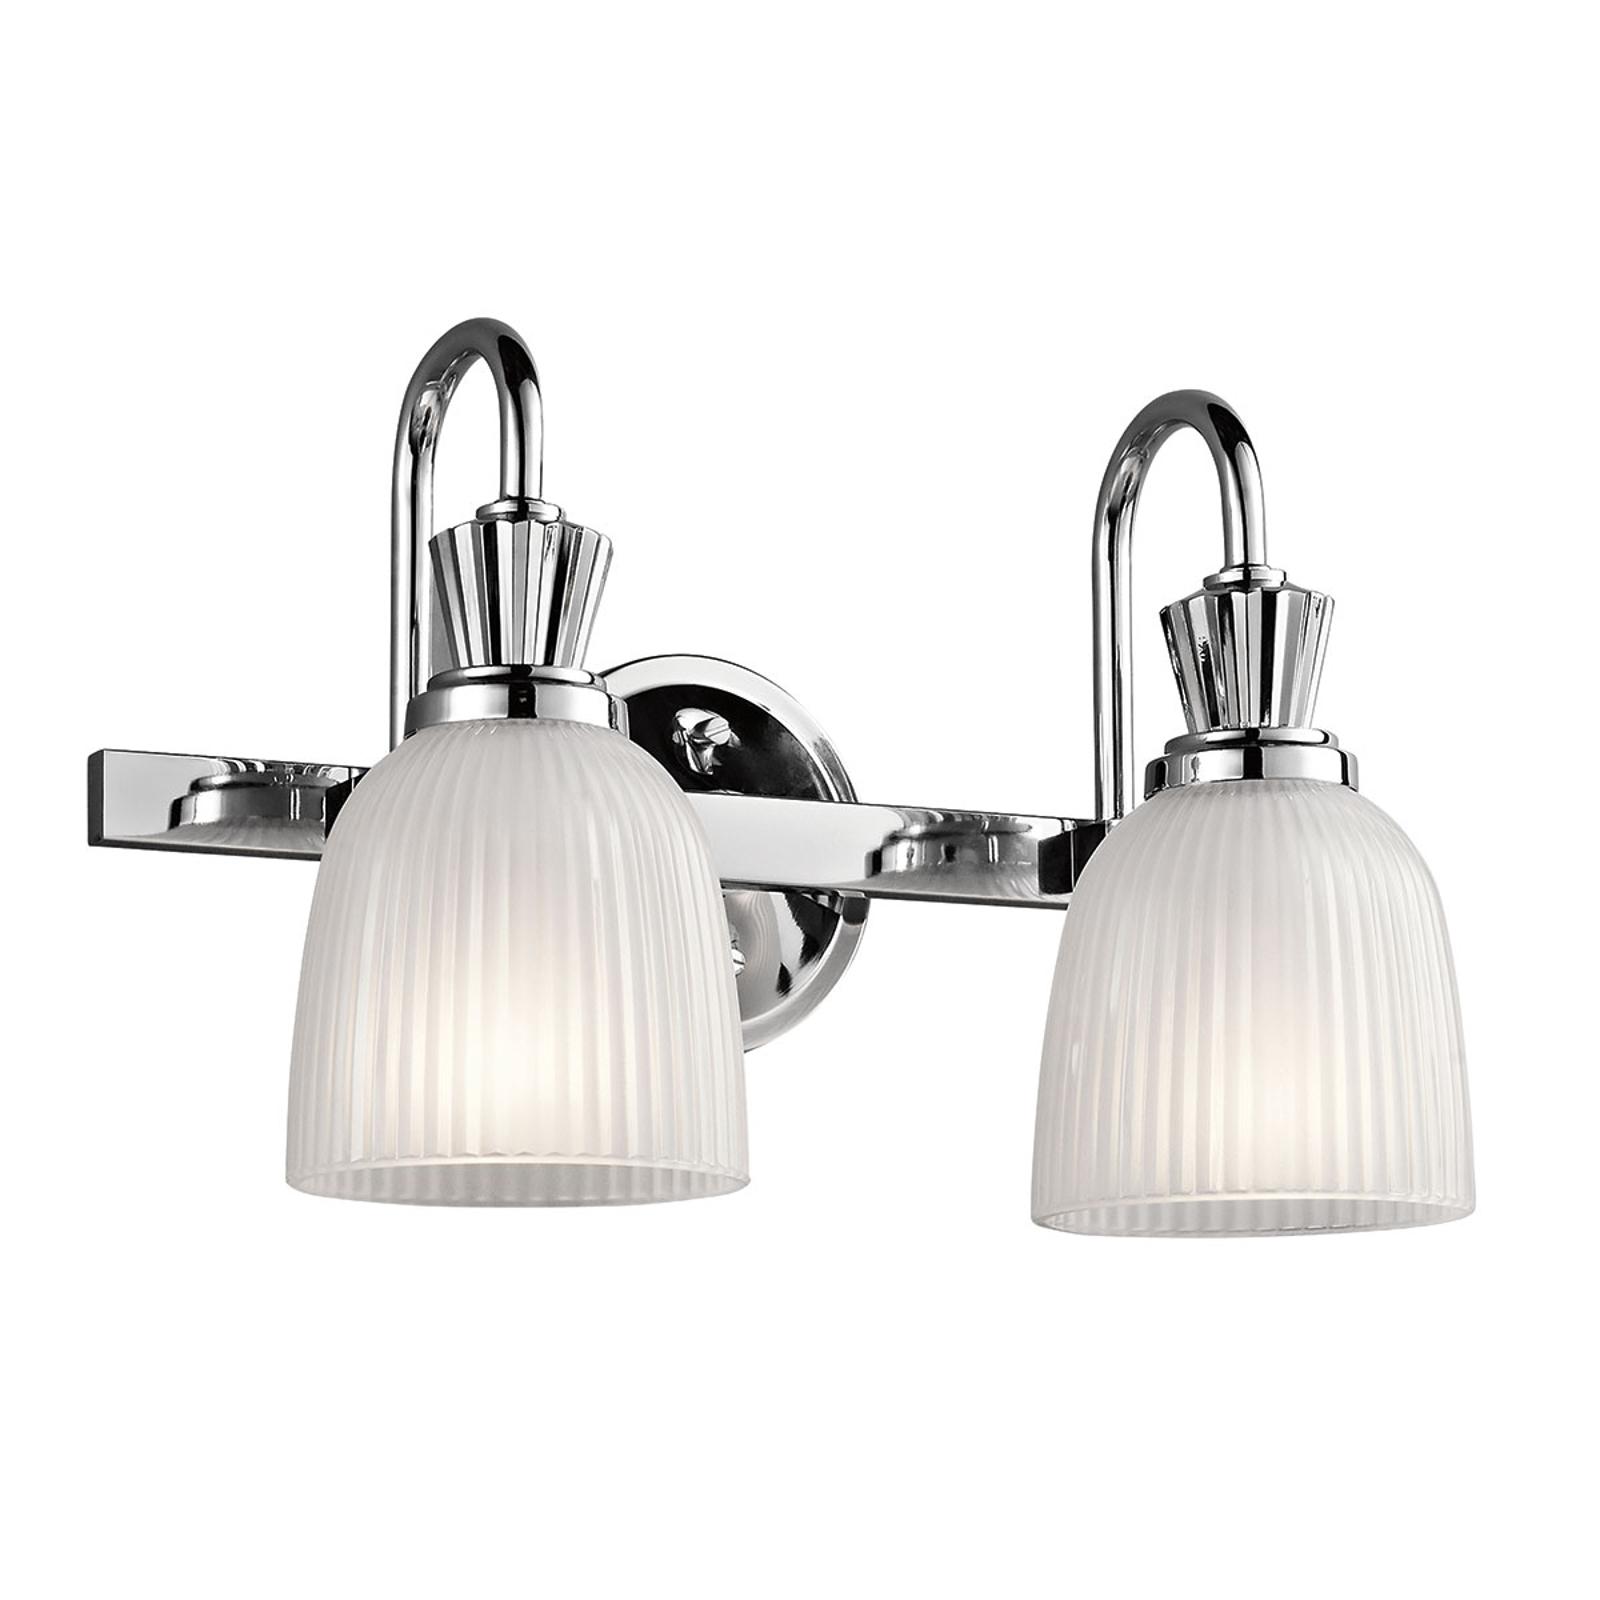 Applique LED Cora chromé brillant, salle de bain